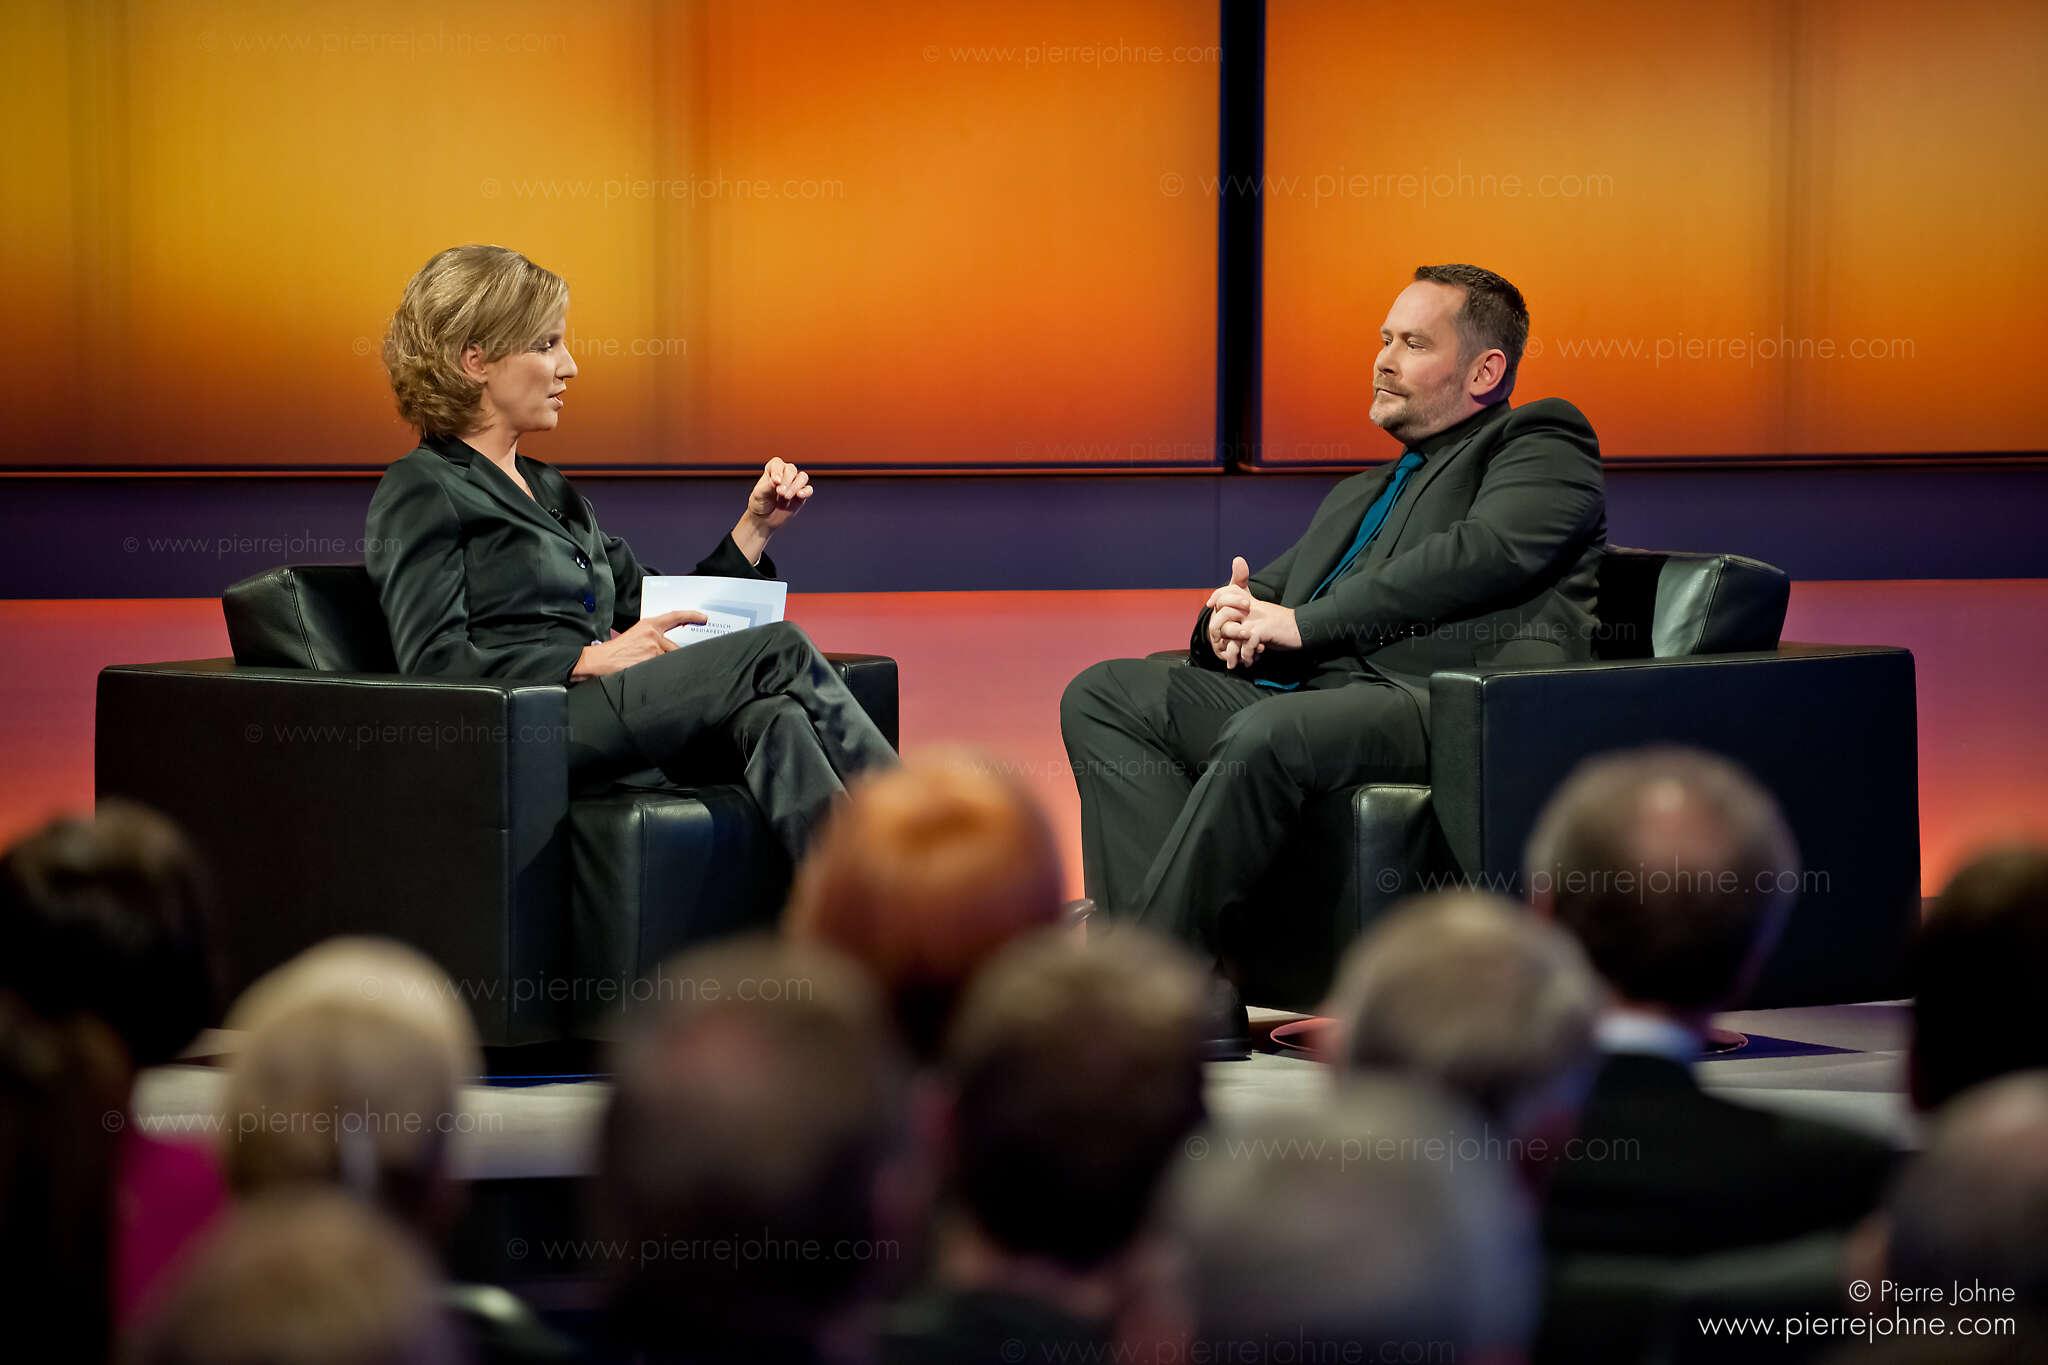 Hans-Bausch Mediapreis, Stuttgart, Germany